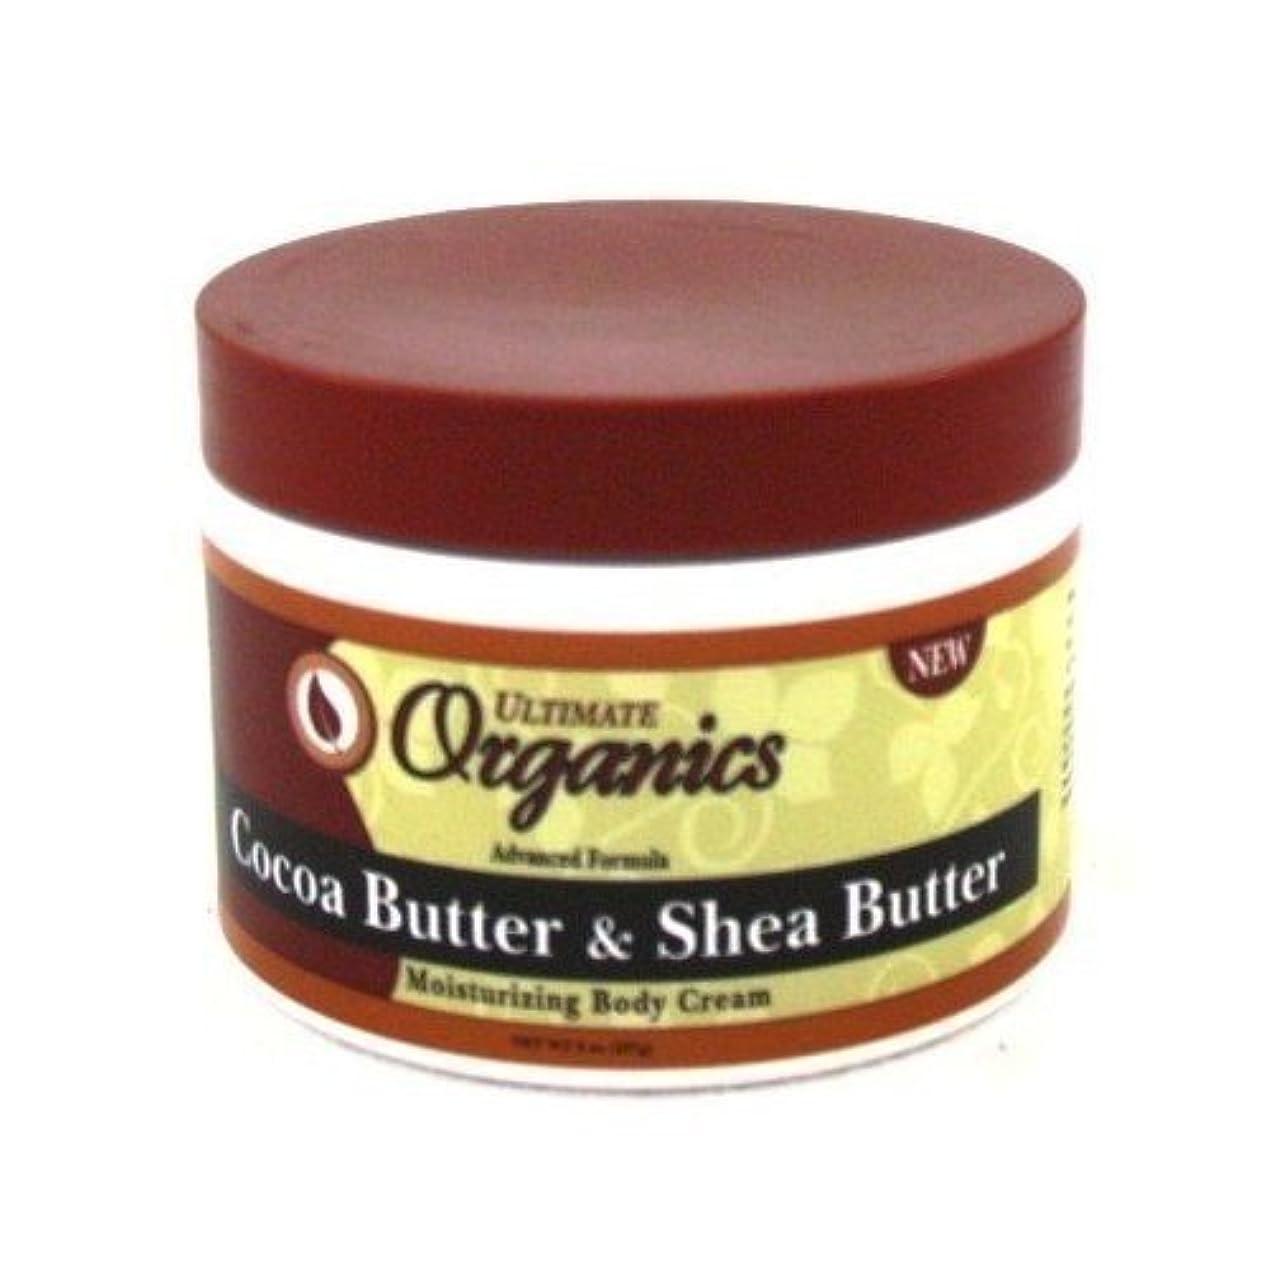 検査購入心からUltimate Organics Cocoa Butter & Shea Butter Body Cream 235 ml (並行輸入品)